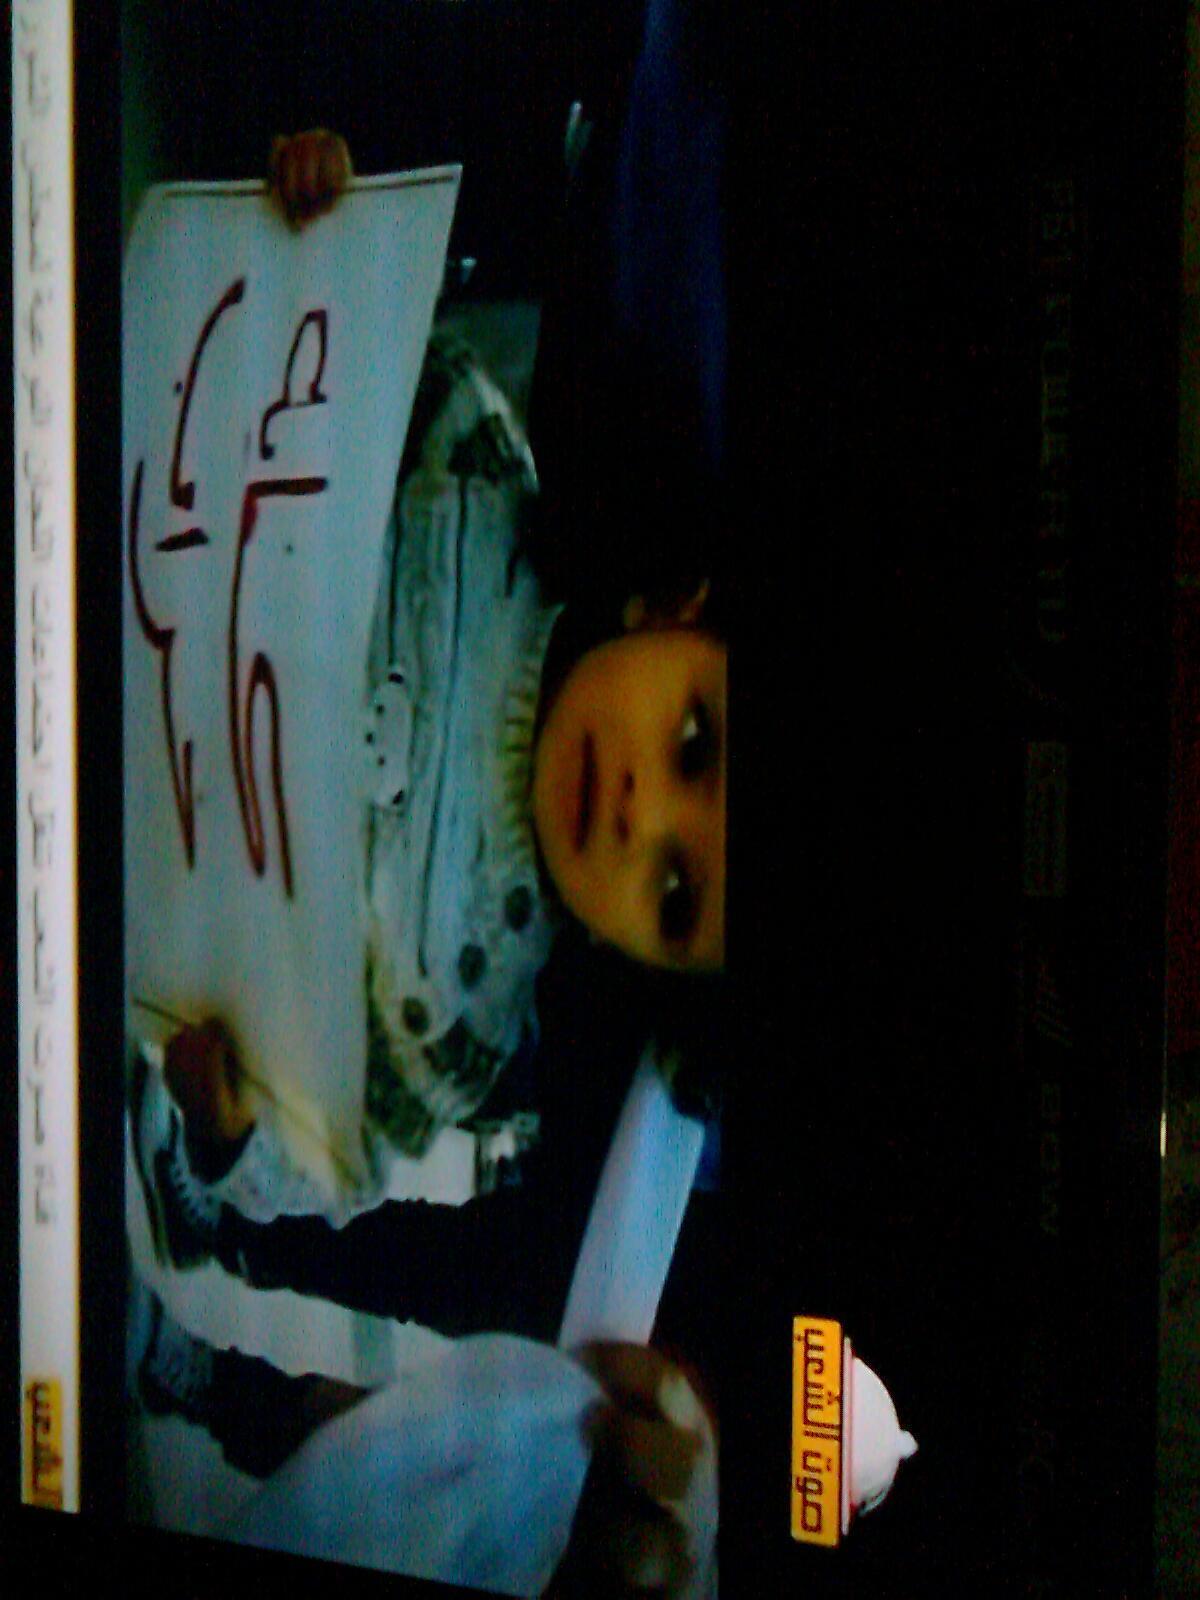 عادت قناة صوت الشعب من جديد للبث بعد قرار السيد محمد مرسي بعودة مجلس الشعب